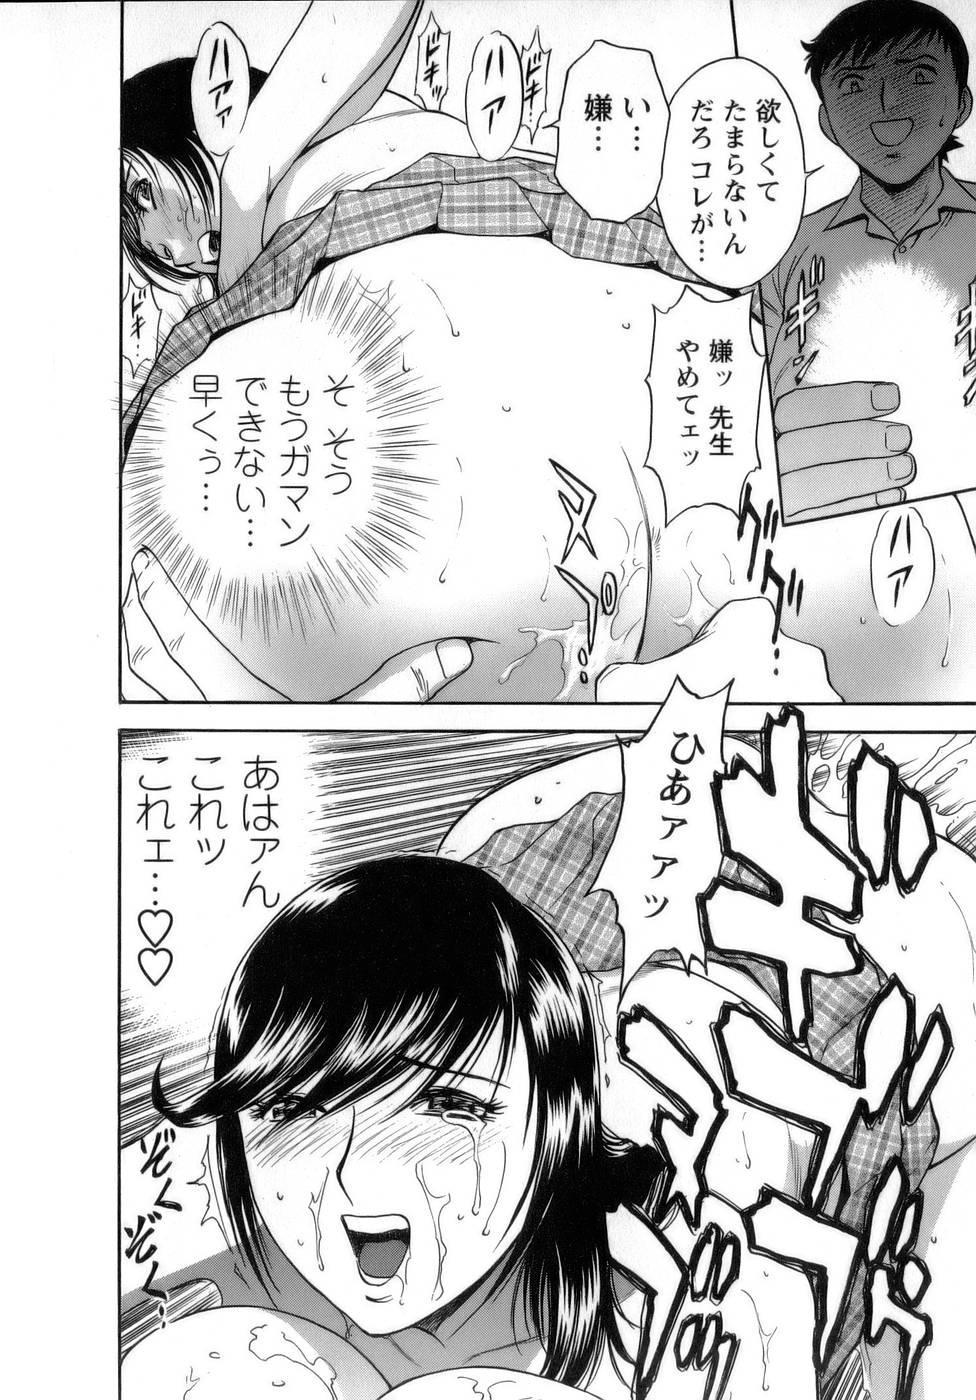 [Hidemaru] Mo-Retsu! Boin Sensei (Boing Boing Teacher) Vol.1 107